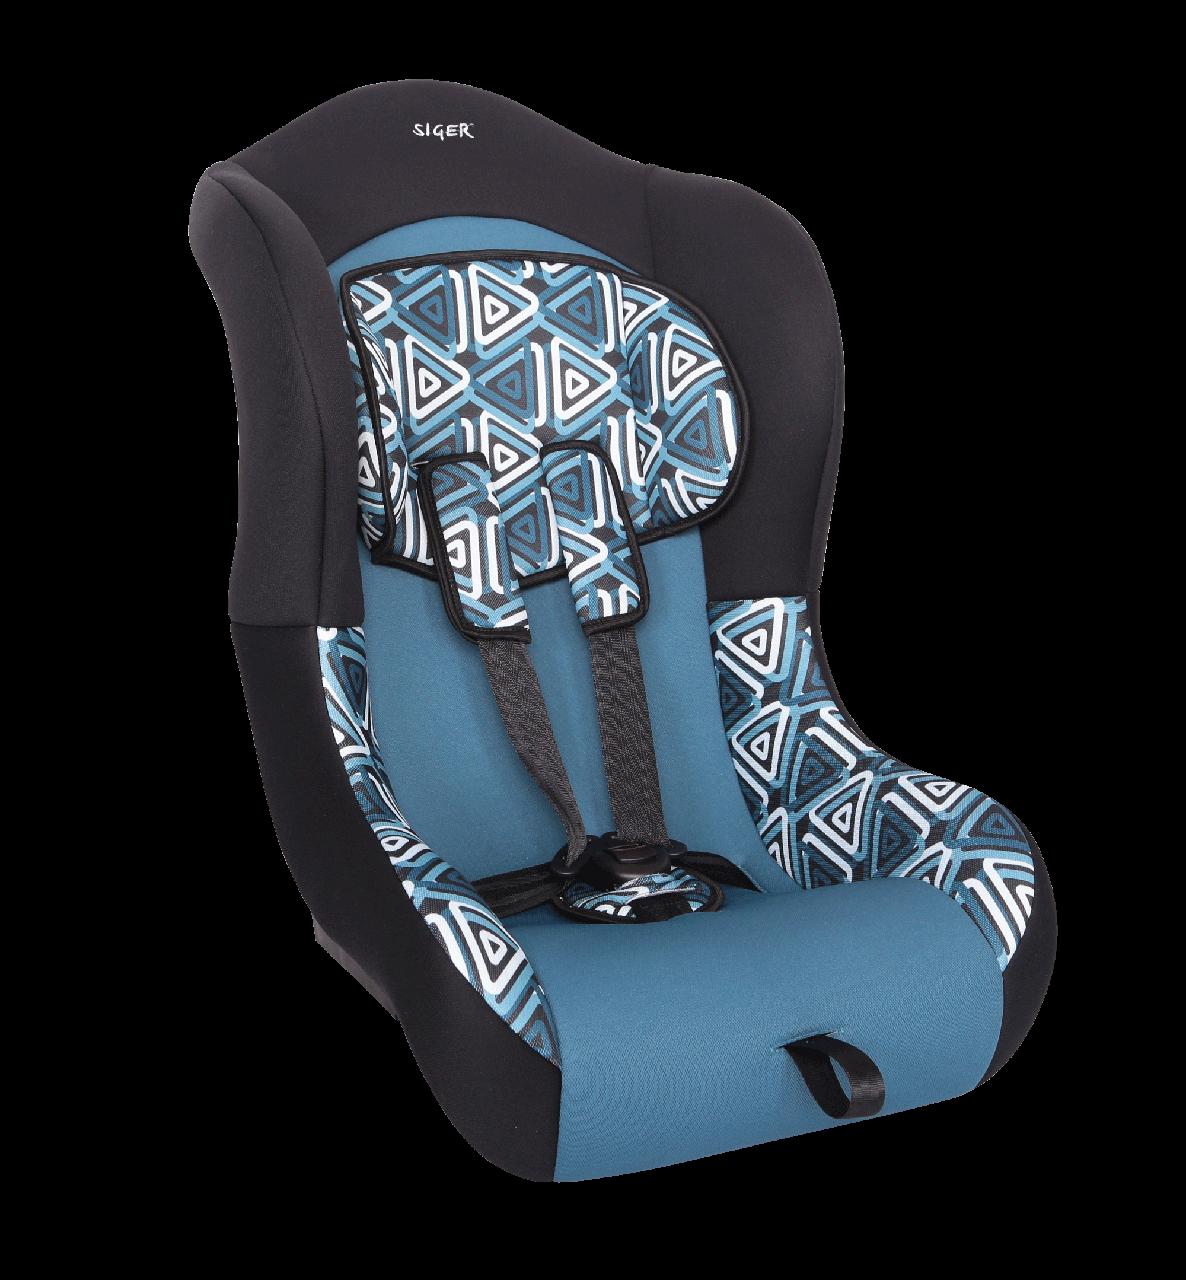 """Детское автомобильное кресло  SIGER """"TOTEM"""" геометрия, 0-4 ЛЕТ, до 18 КГ, группа 0+/1"""